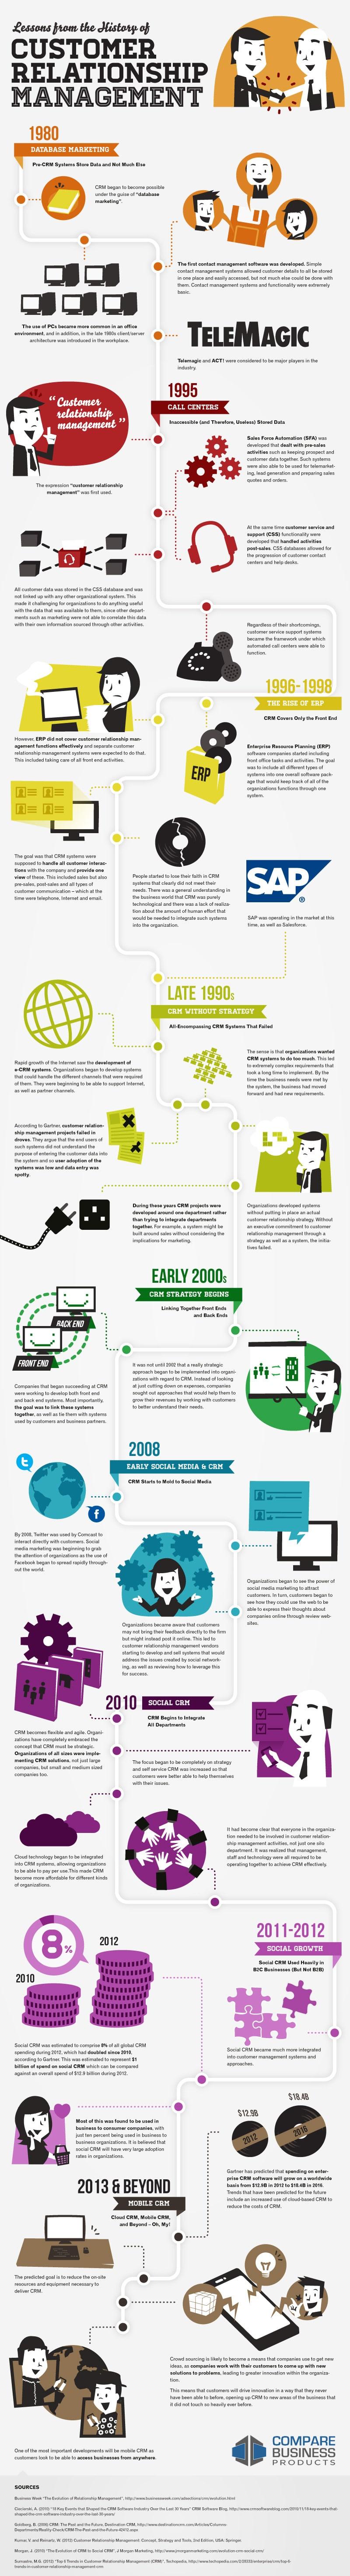 Storia ed evoluzione del CRM